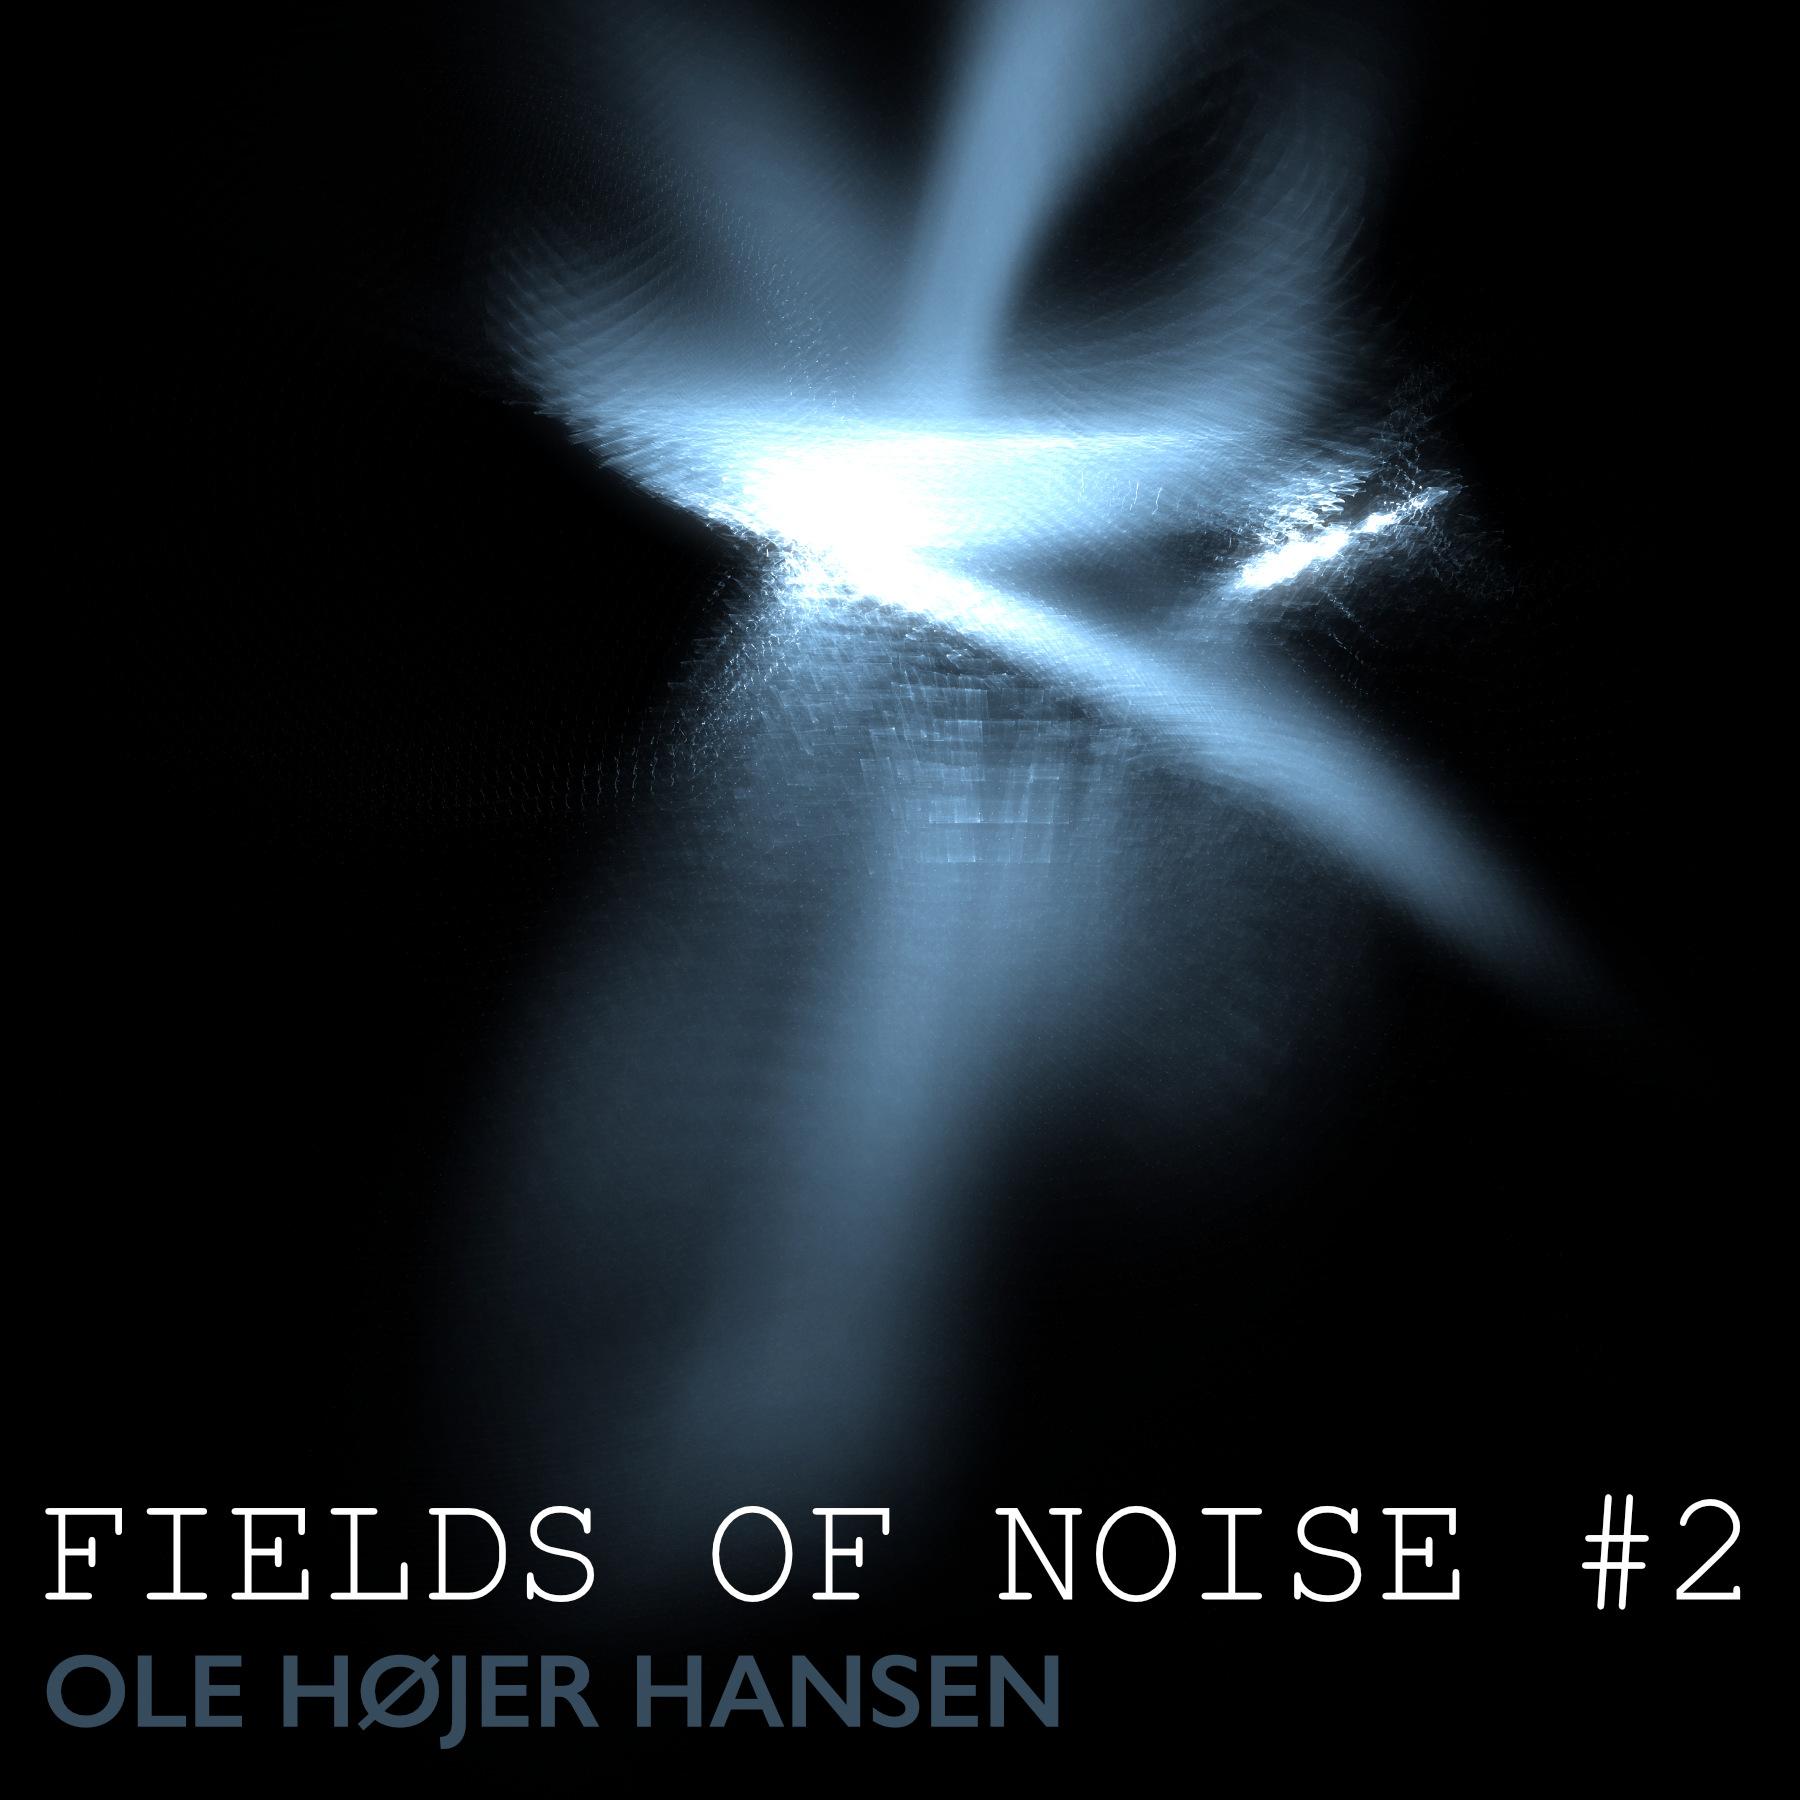 Fields of Noise #2